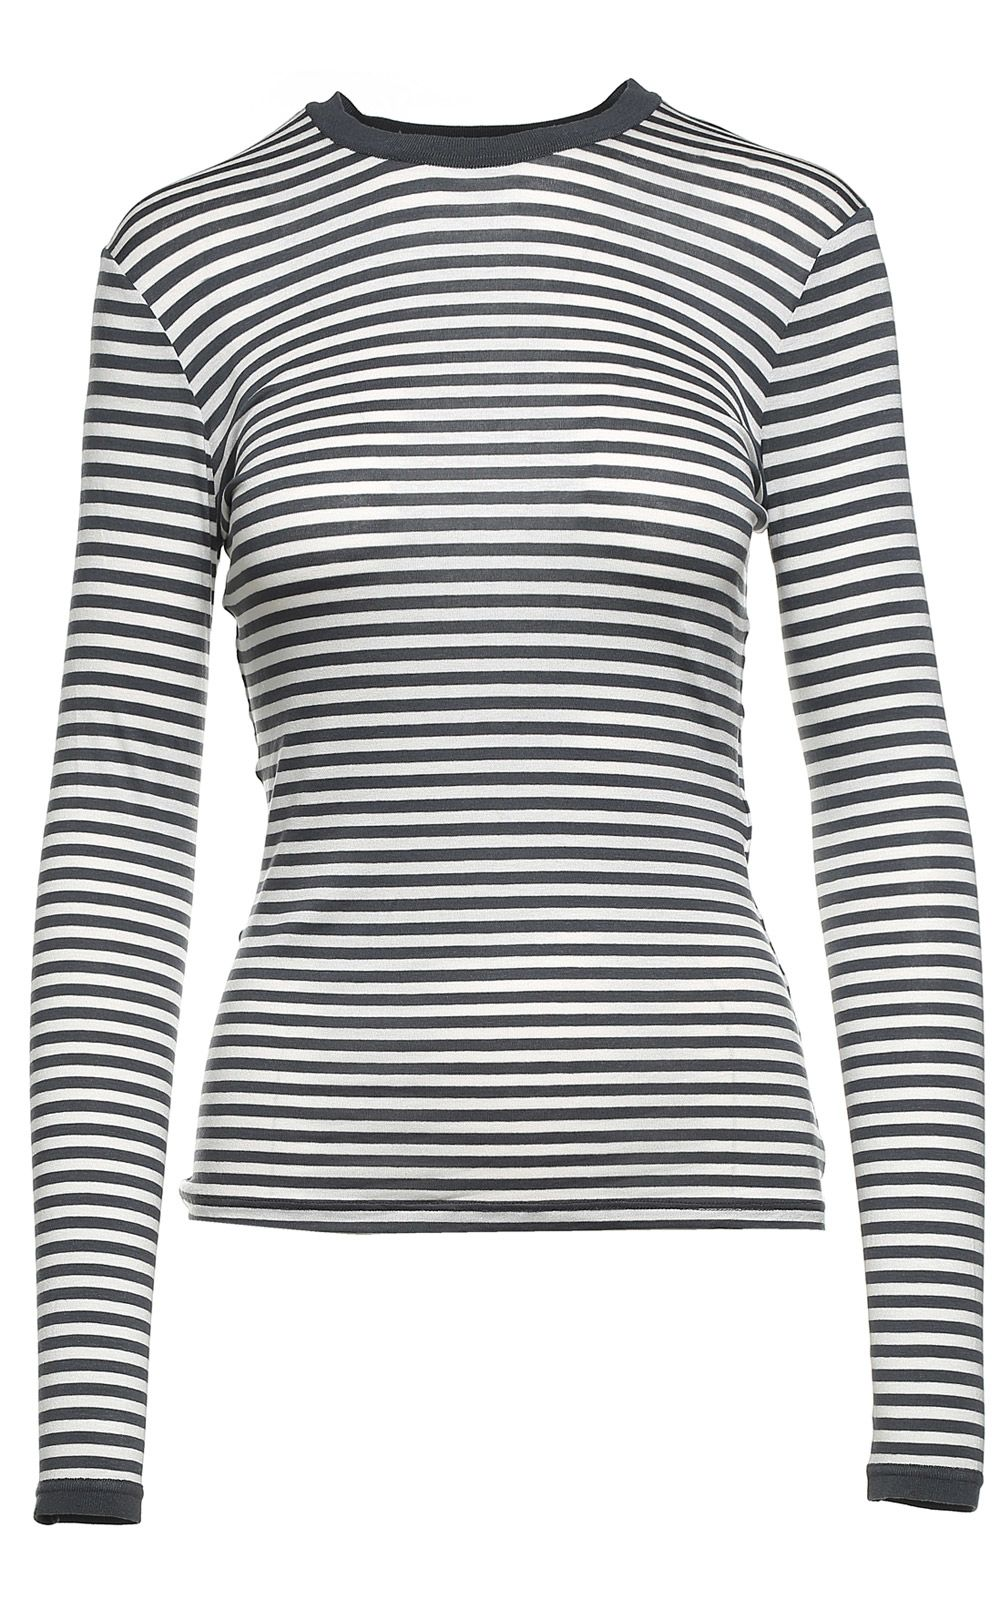 Max Mara Favola Striped Jersey T-shirt